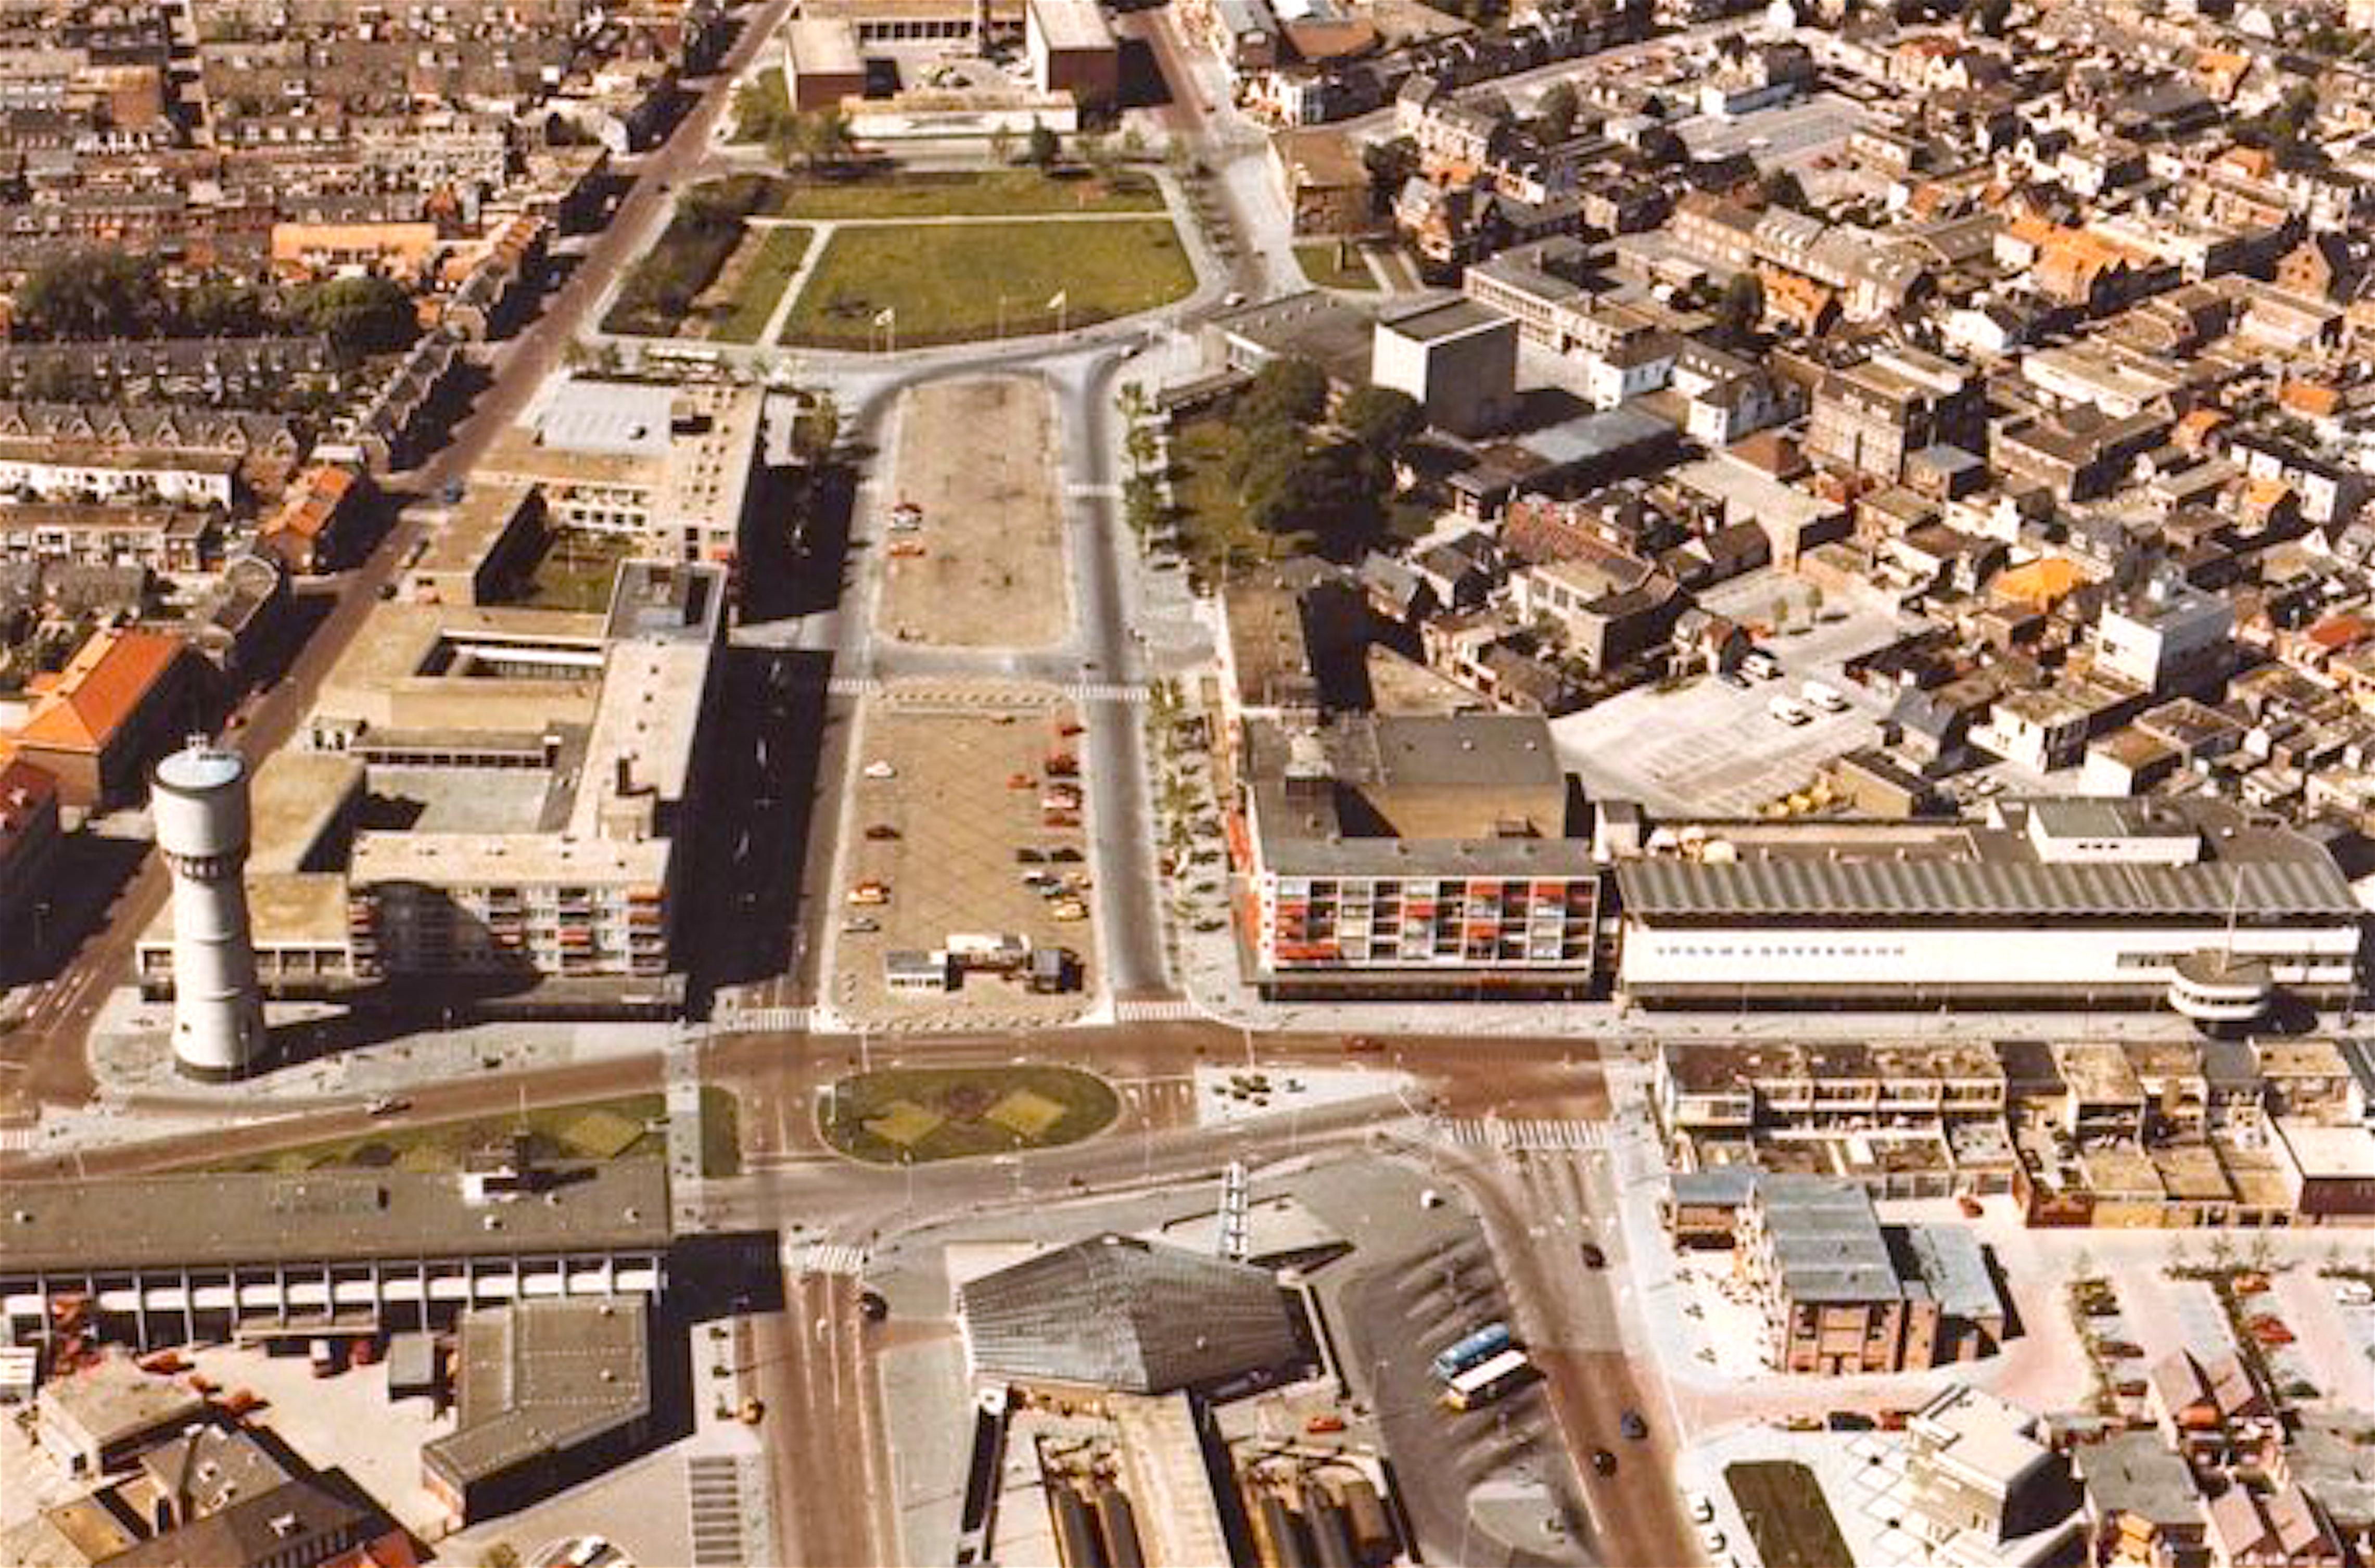 Den Helder in de glorie van de wederopbouw, linksonder het inmiddels gedeeltelijk gesloopte Rob Scholte Museum (foto Stadsarchief DH)